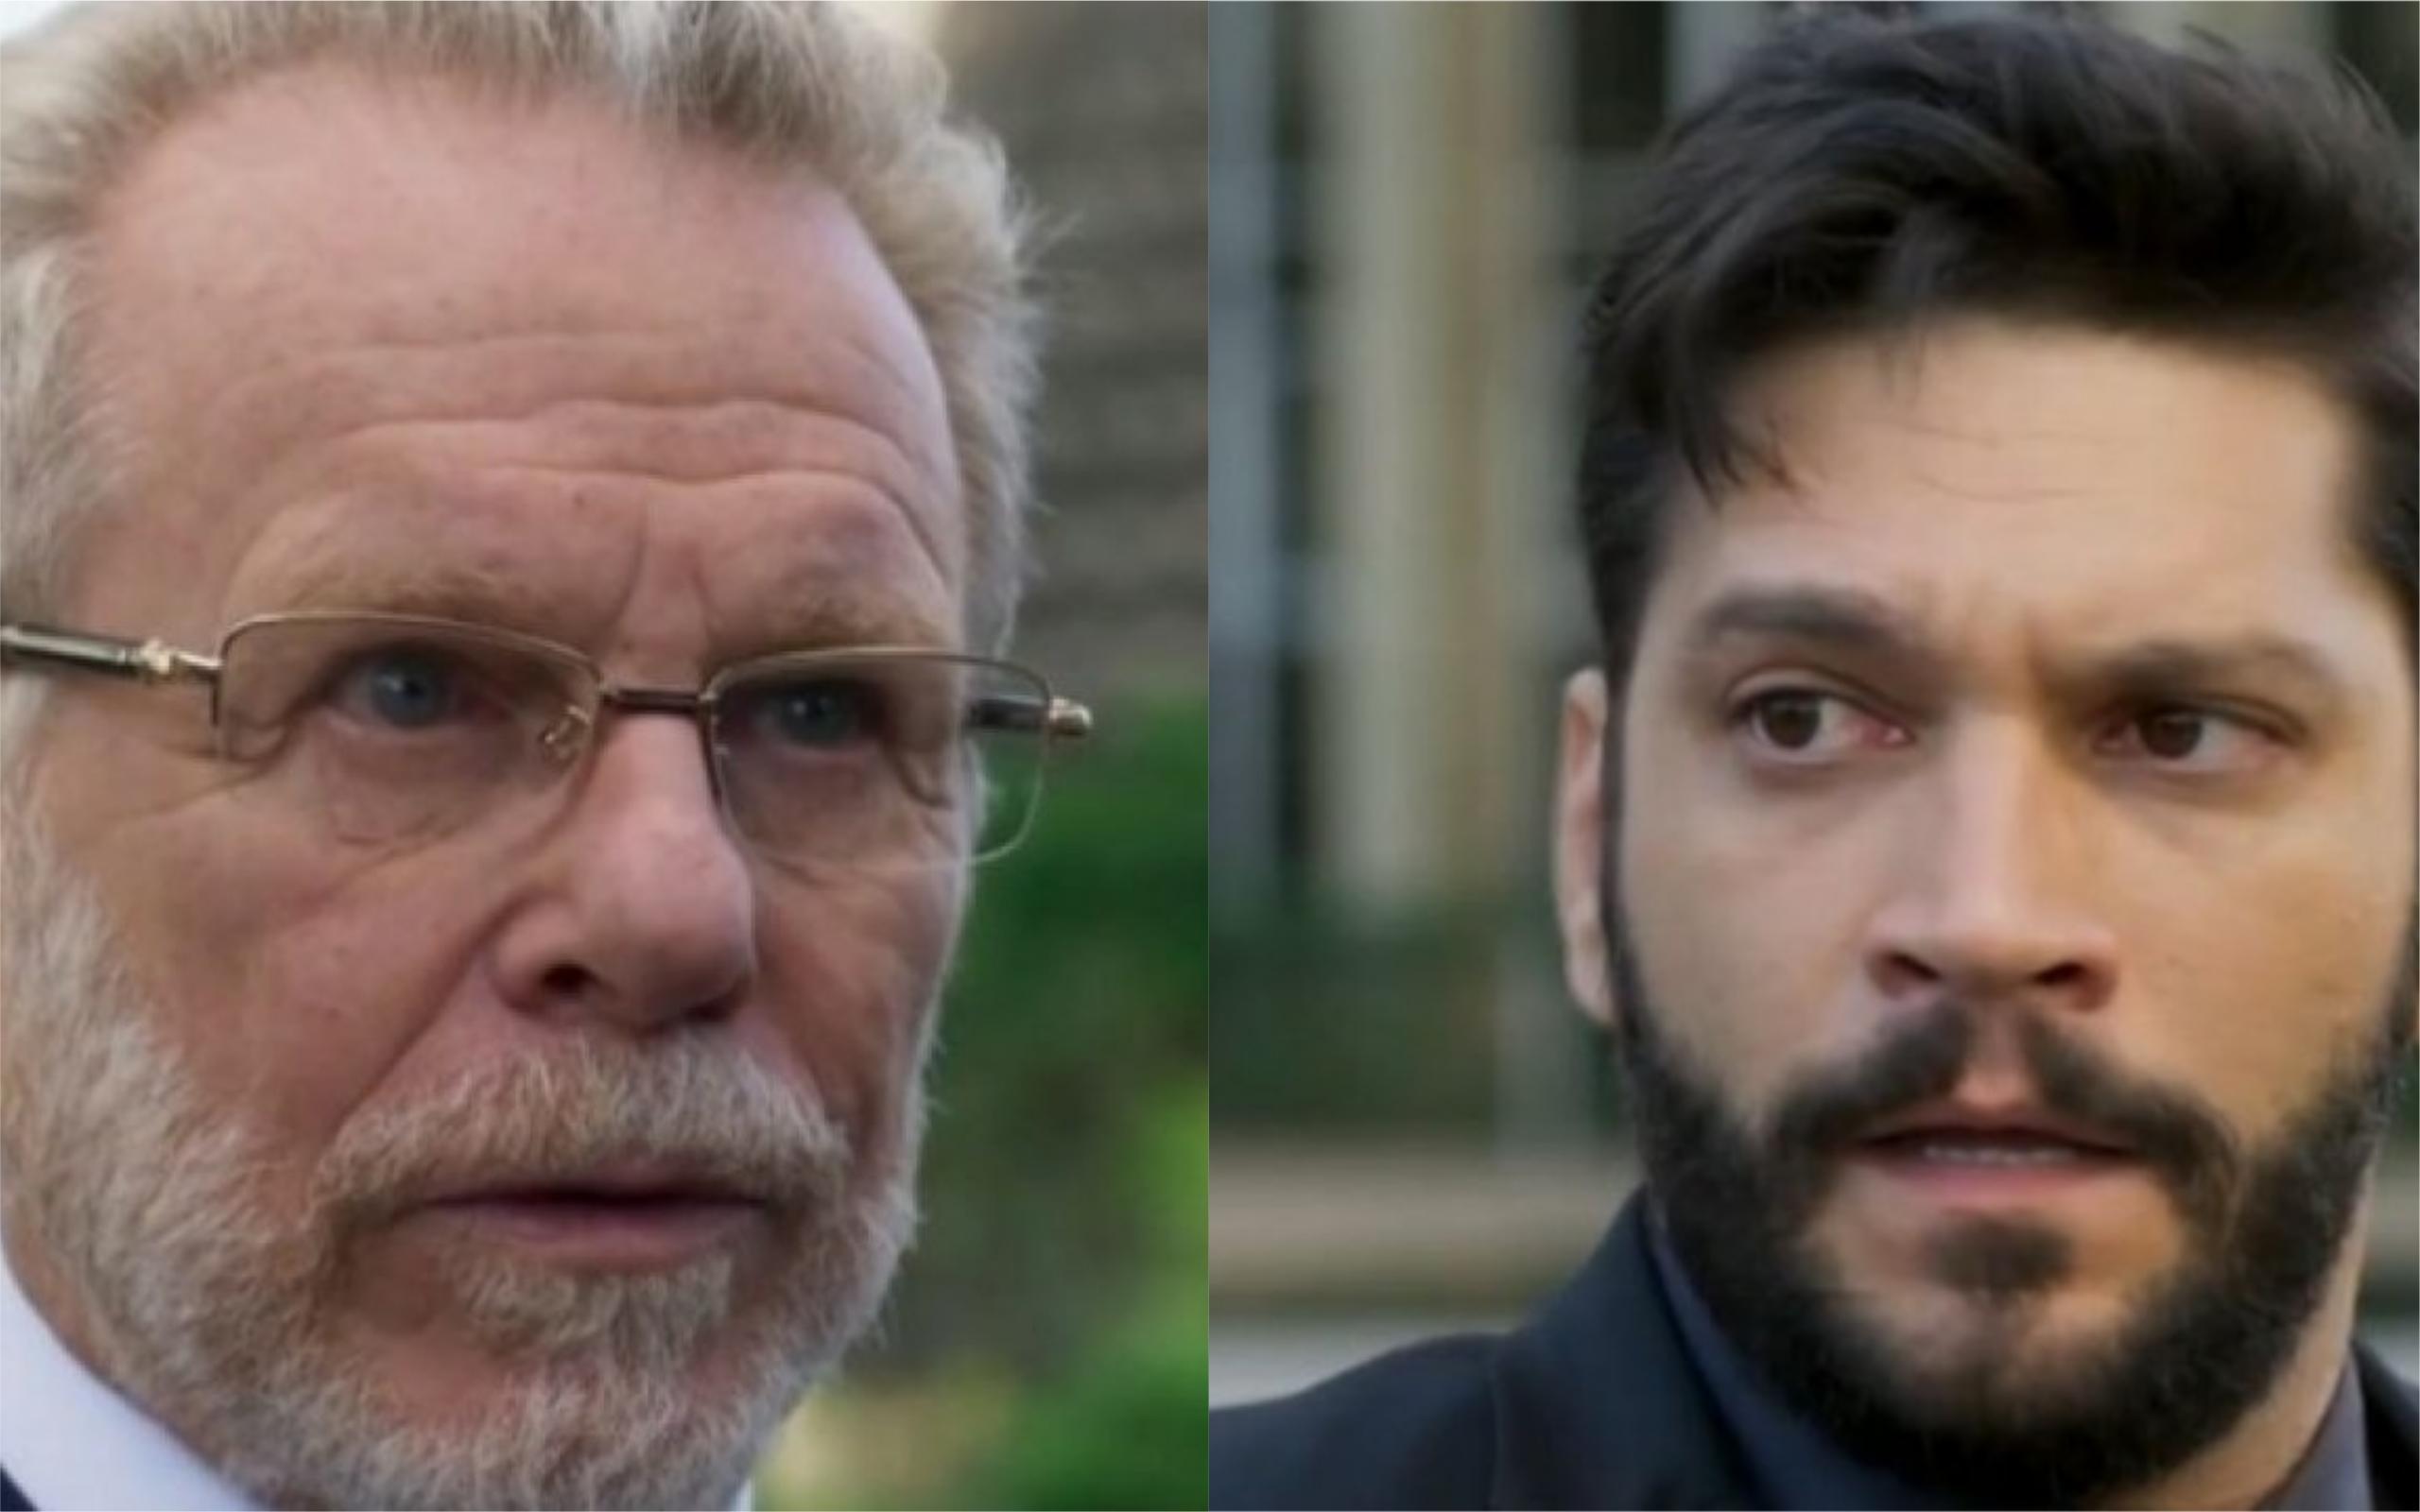 O ator Jonas Bloch, que interpreta Eric Feitosa e o ator Armando Babaioff, que interpreta Diogo, tiveram briga feia nos bastidores de Bom Sucesso e motivo foi revelado (Foto: Divulgação / Montagem / TV Foco)